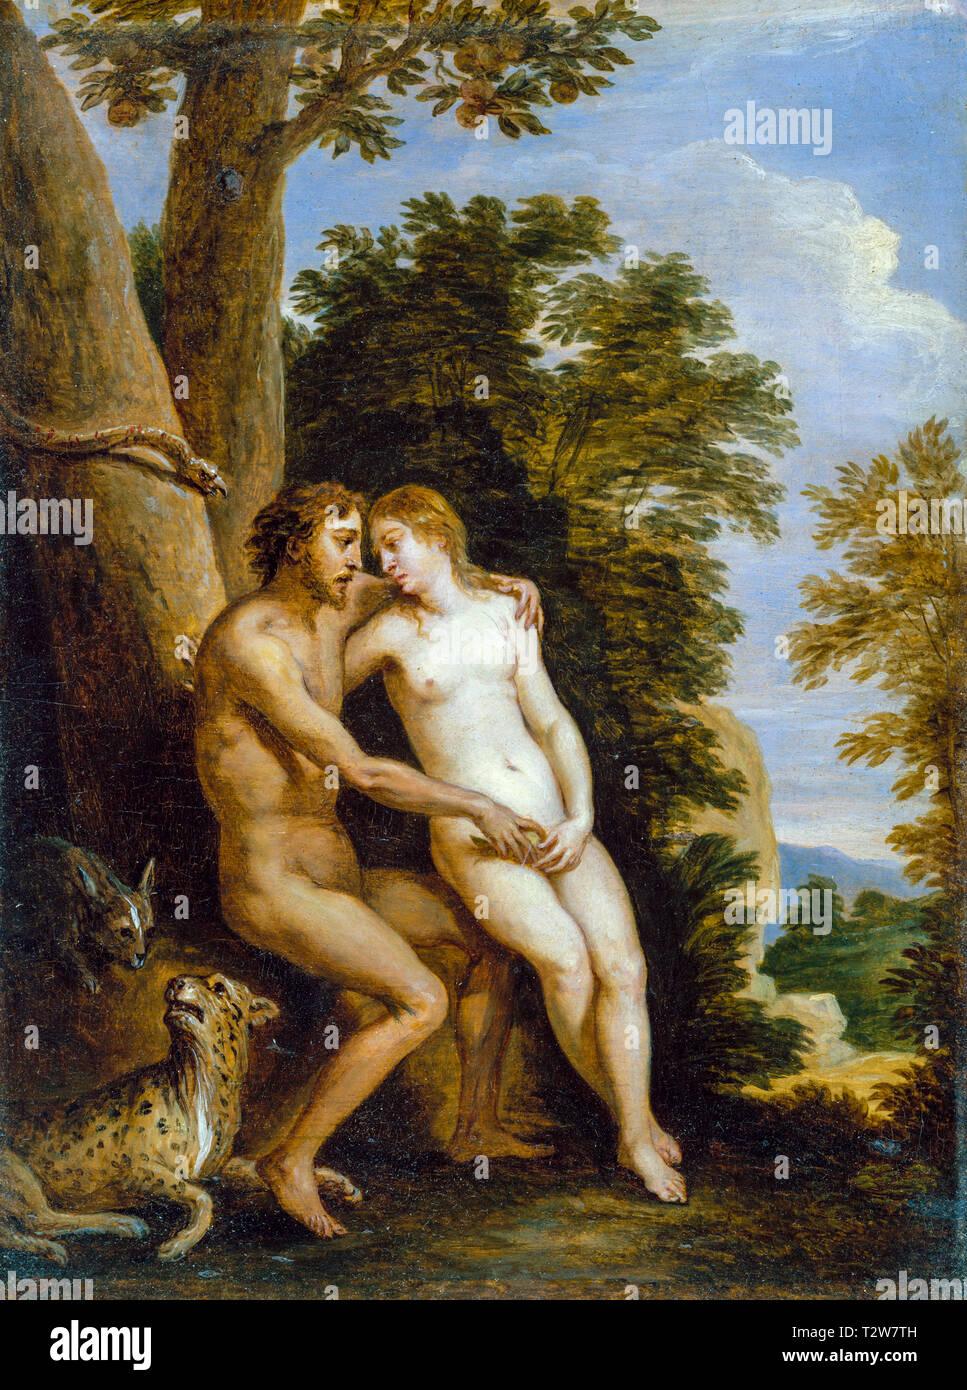 Adán Y Eva En El Paraíso La Pintura De David Teniers El Joven C 1650s Fotografía De Stock Alamy